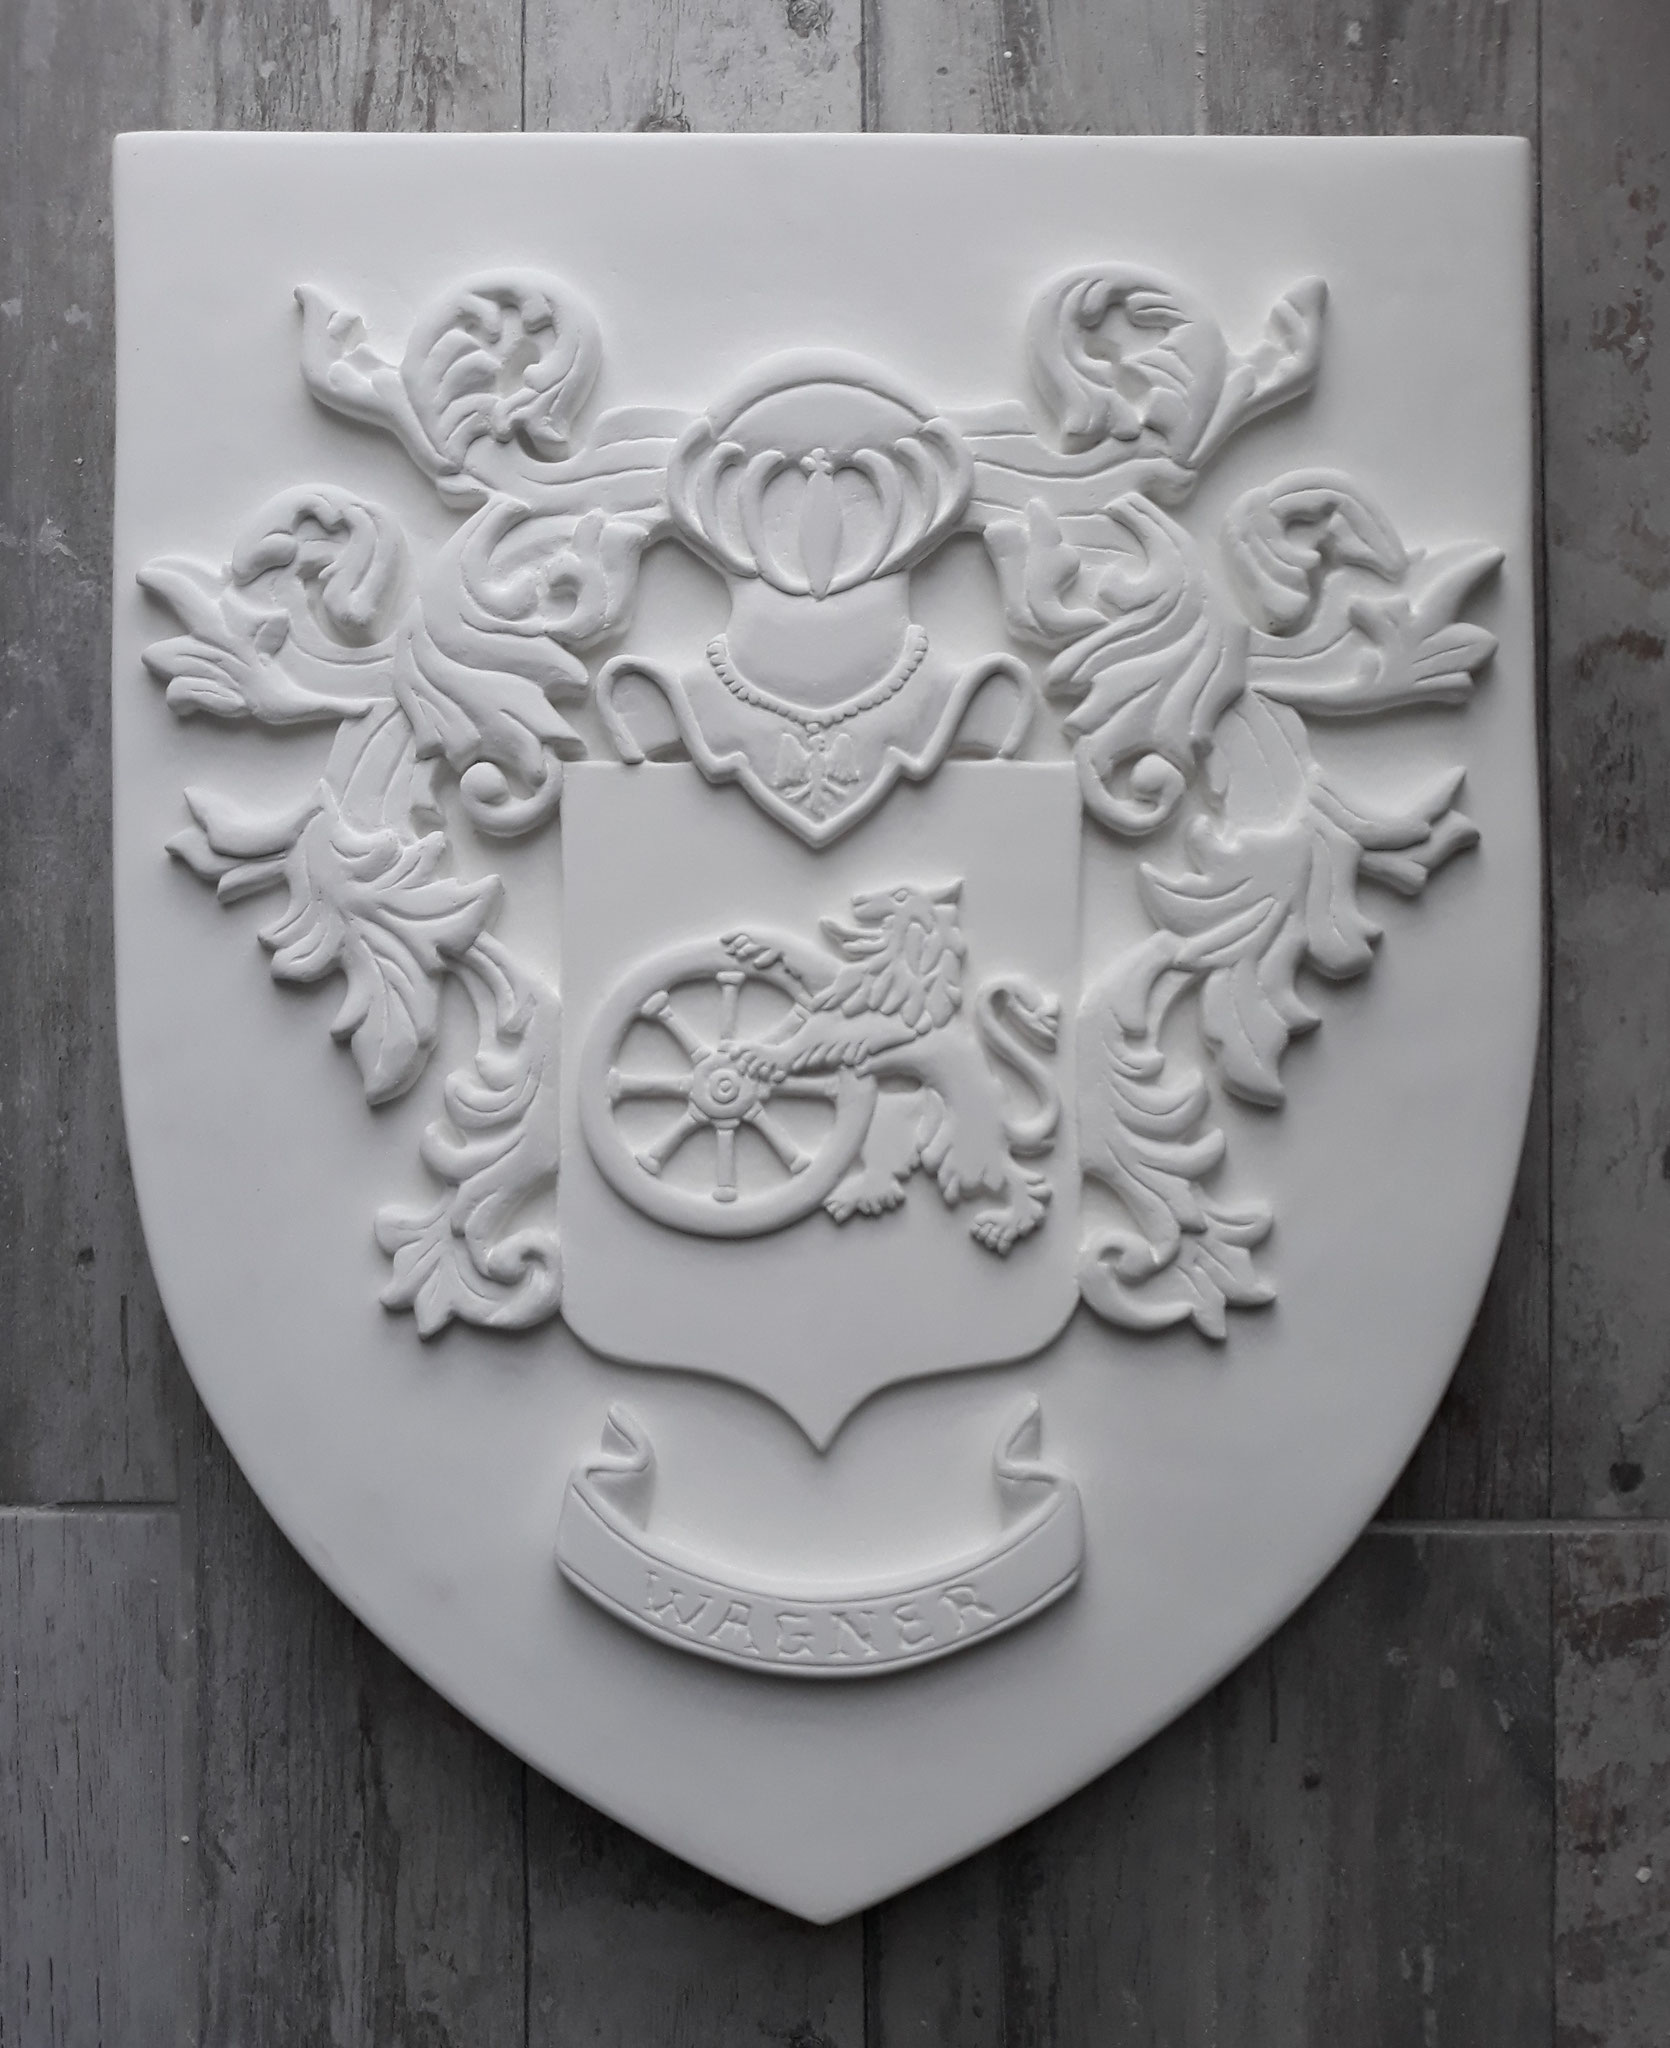 Armoiries sculptées sur pierre 40 x 50 cm